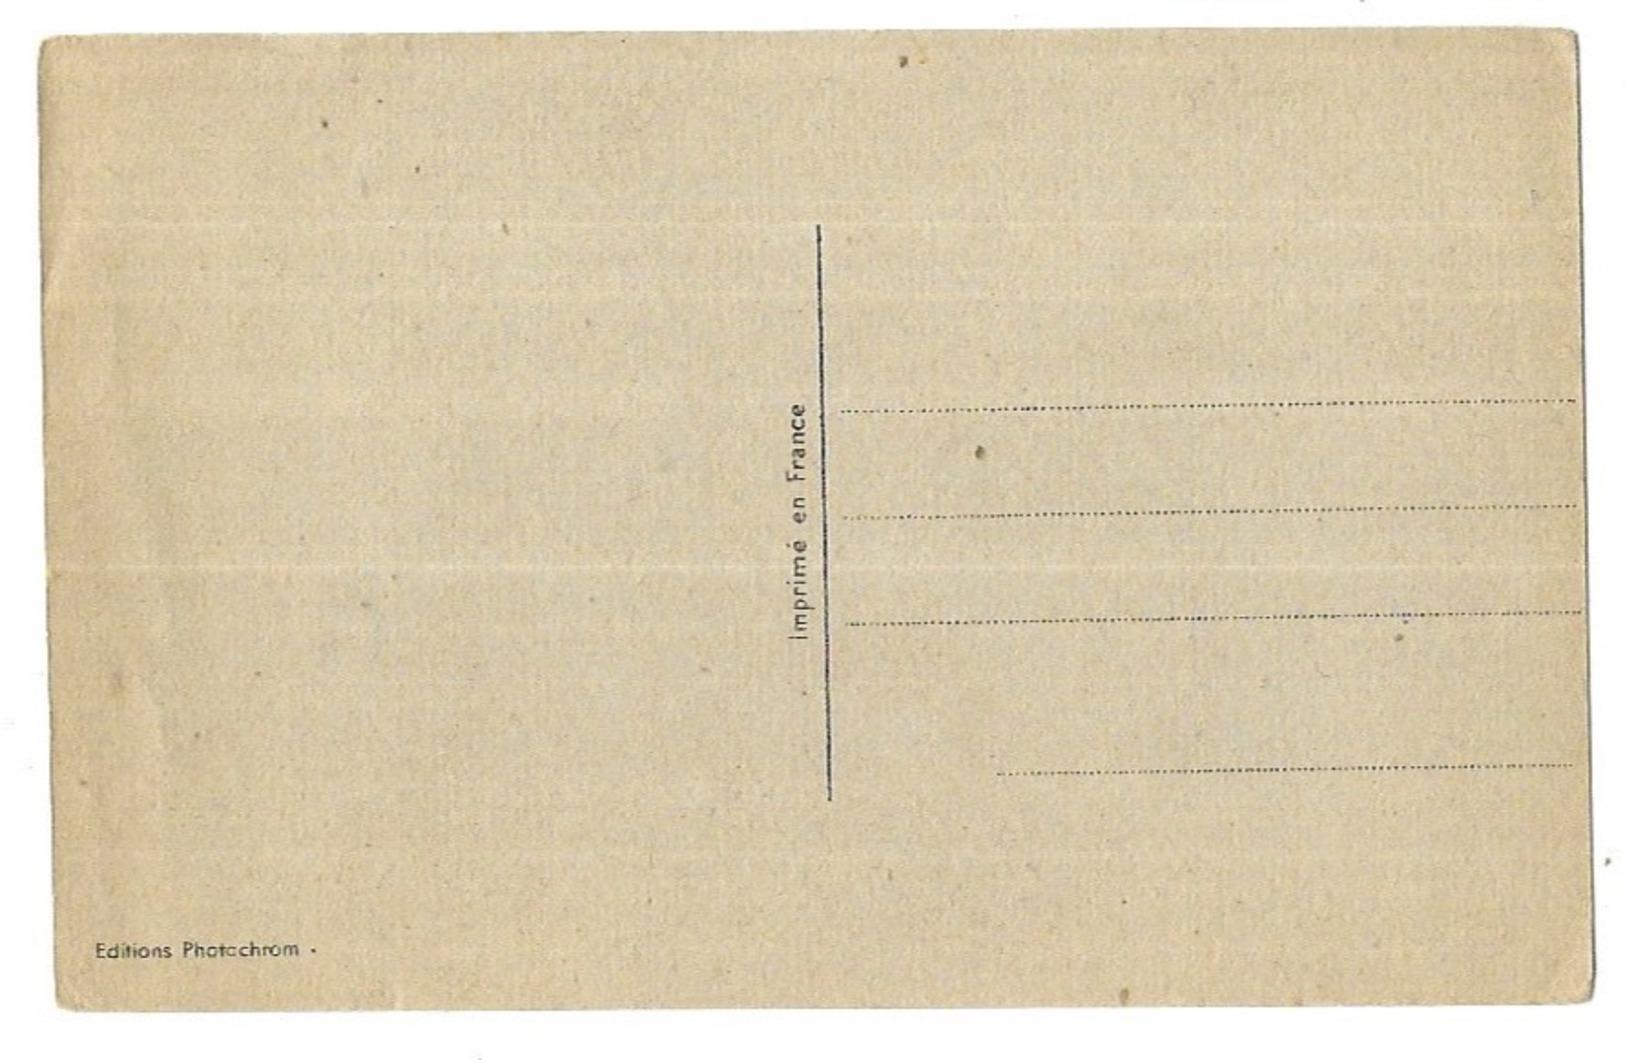 Illustrateur B. Gab Pourquoi Cet écriteau ? - Andere Zeichner